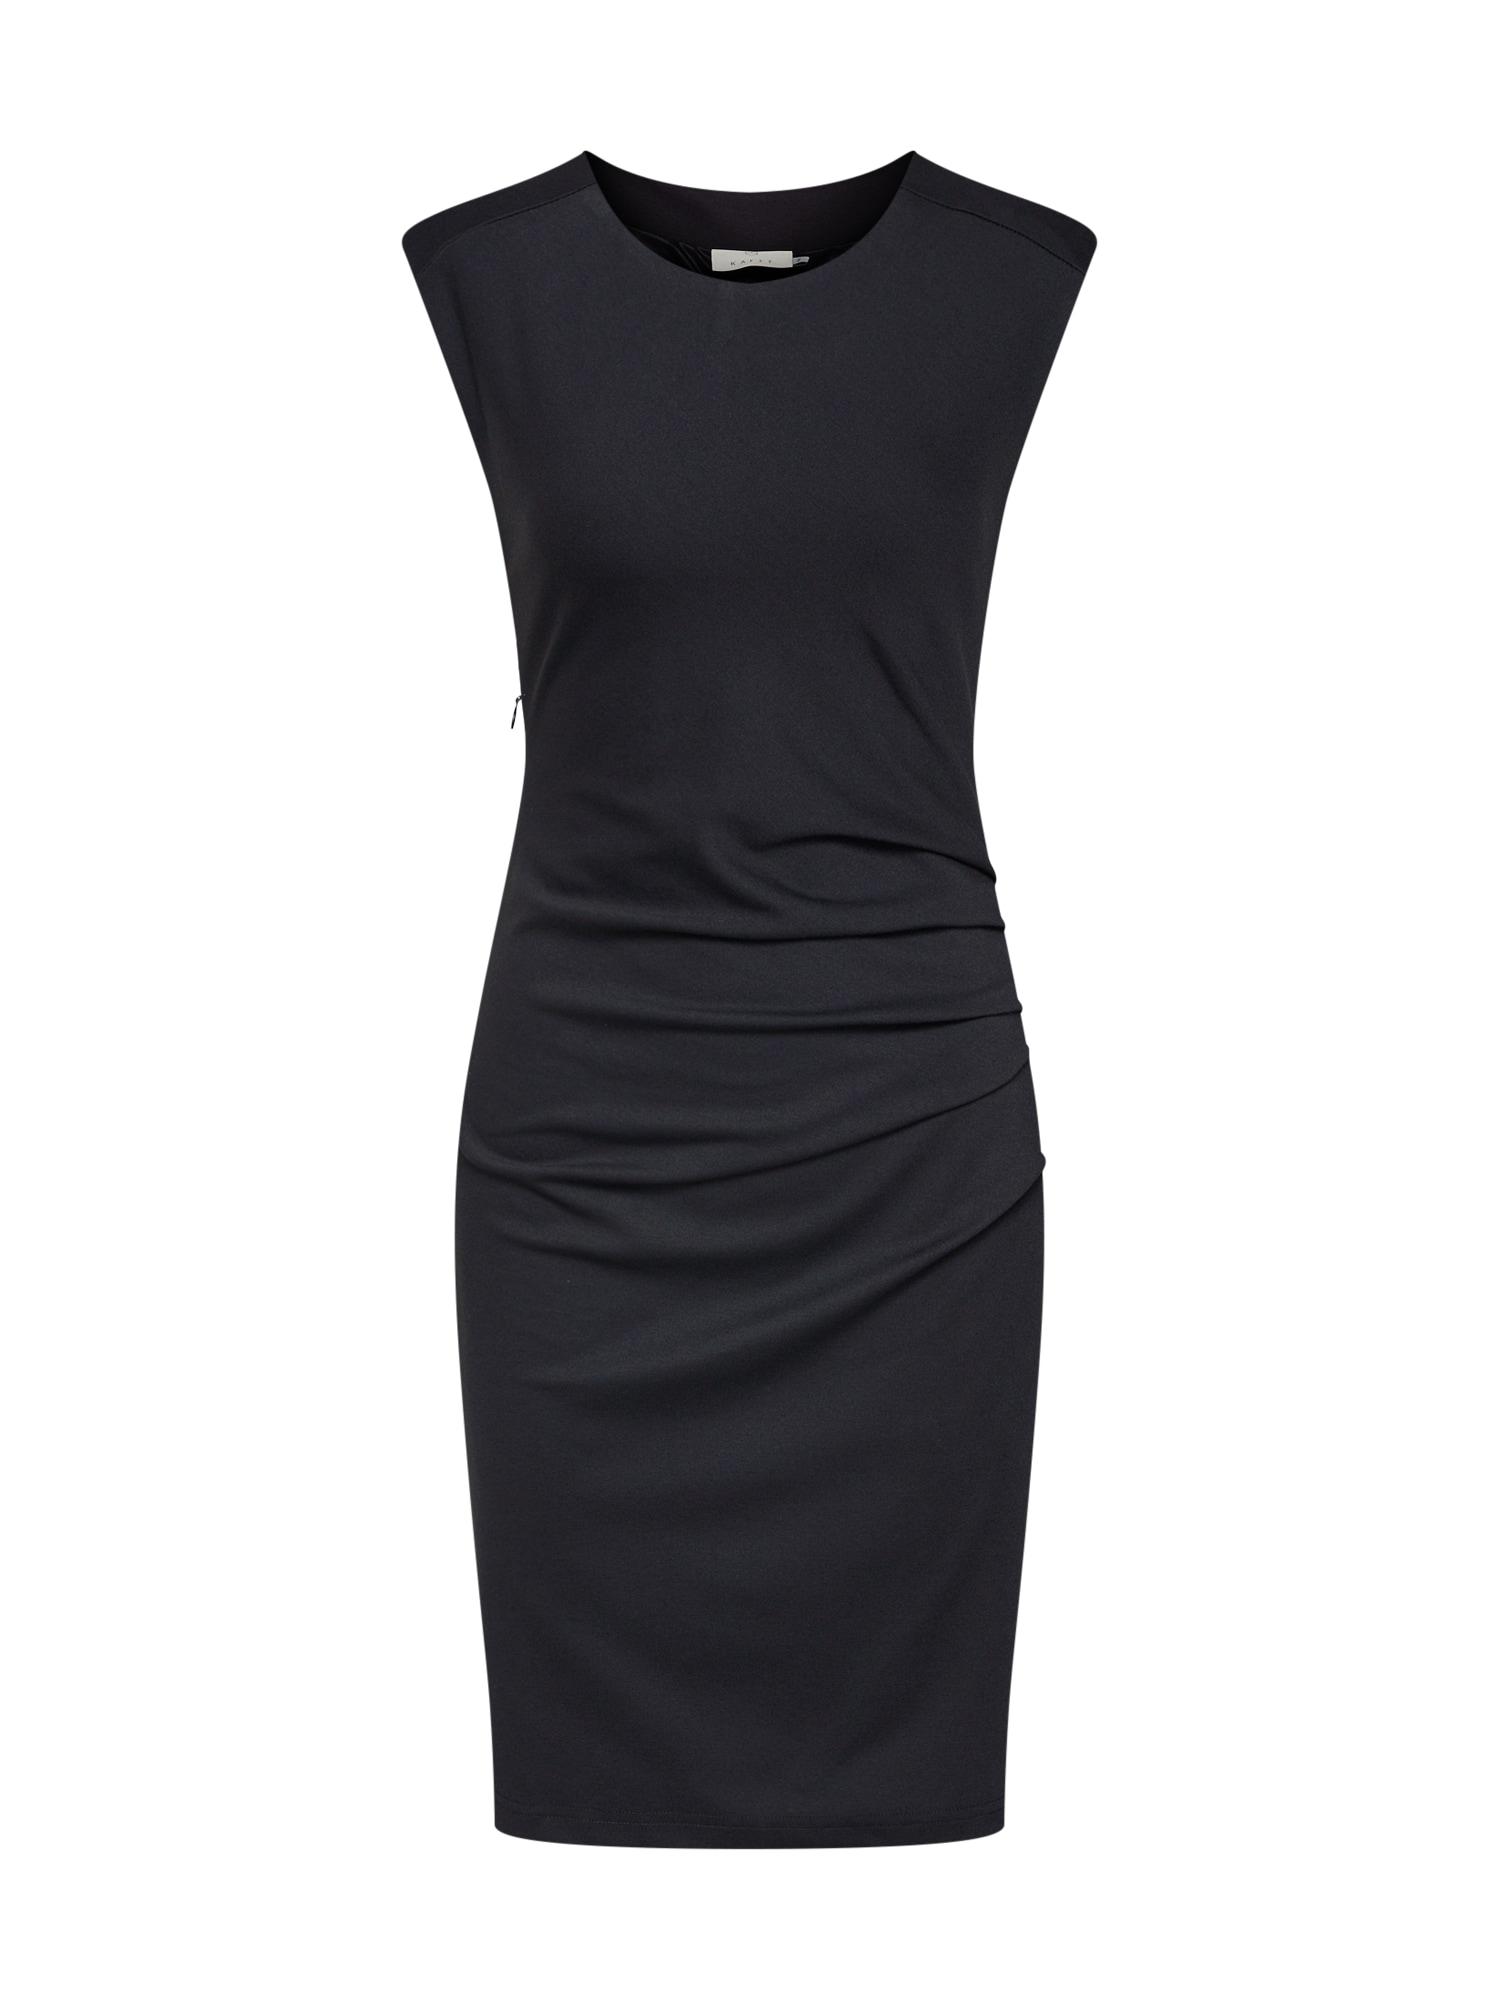 Kaffe Trumpa kokteilinė suknelė 'India Slim' juoda